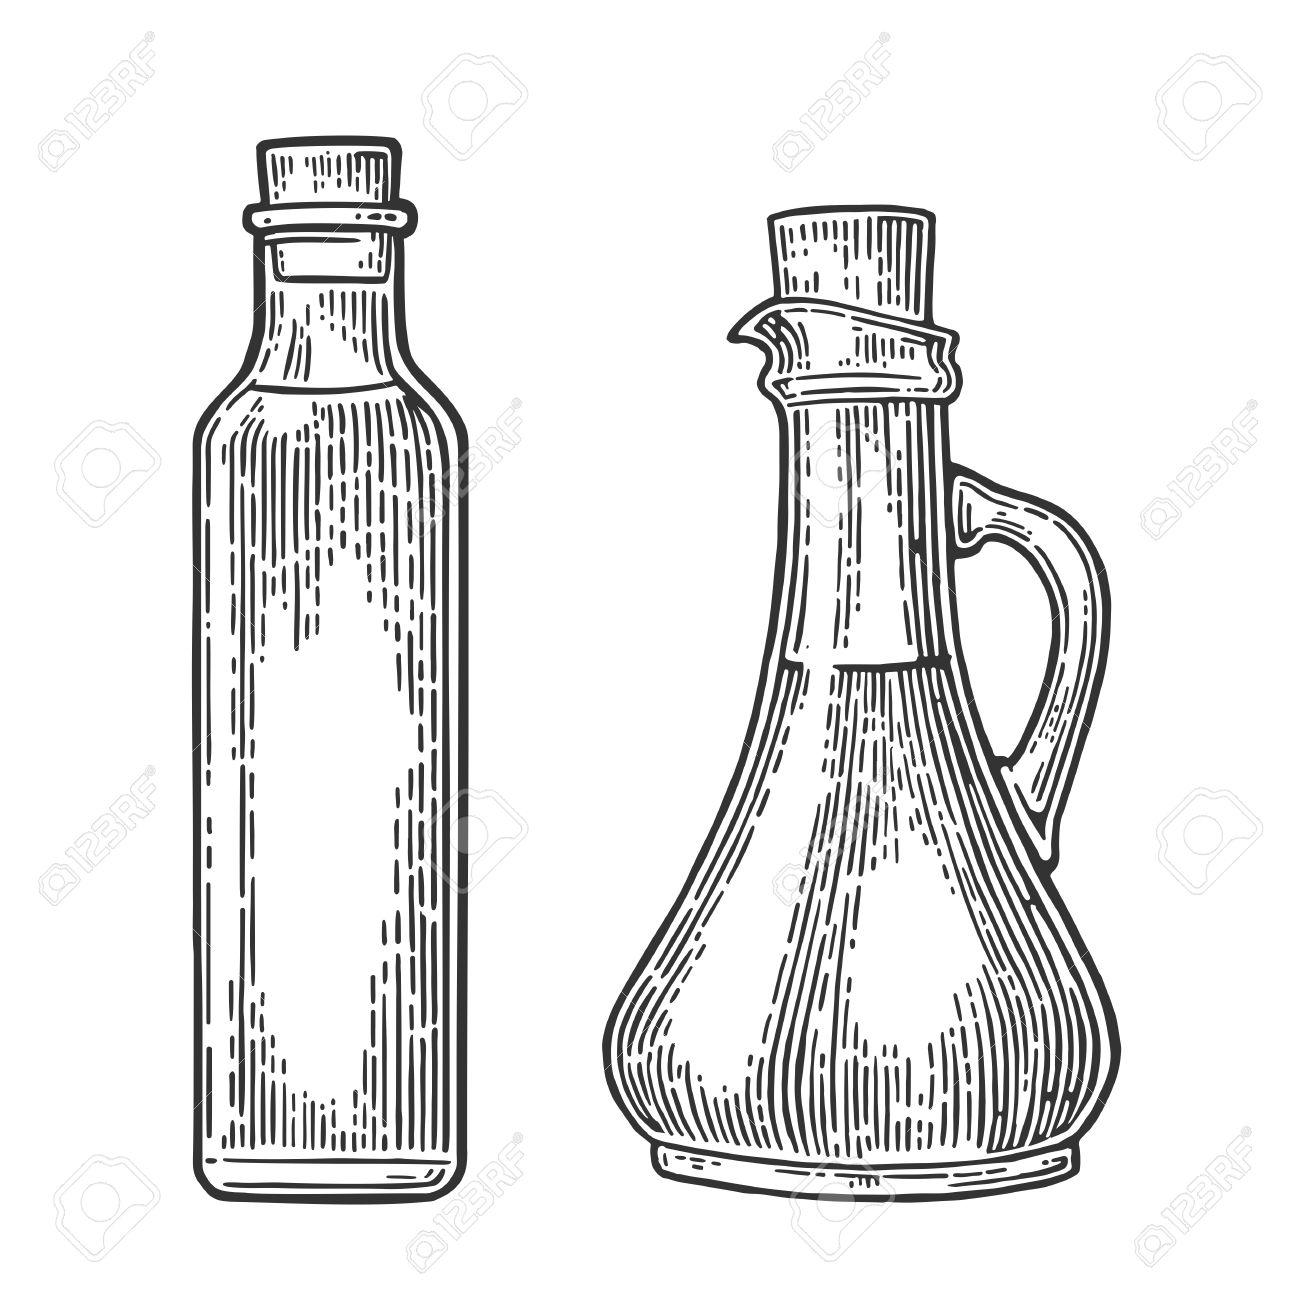 bouteille et verre cruche de liquide. huile d'olive. hand drawn élément de  design. vintage noir vecteur gravure illustration pour poster, web.